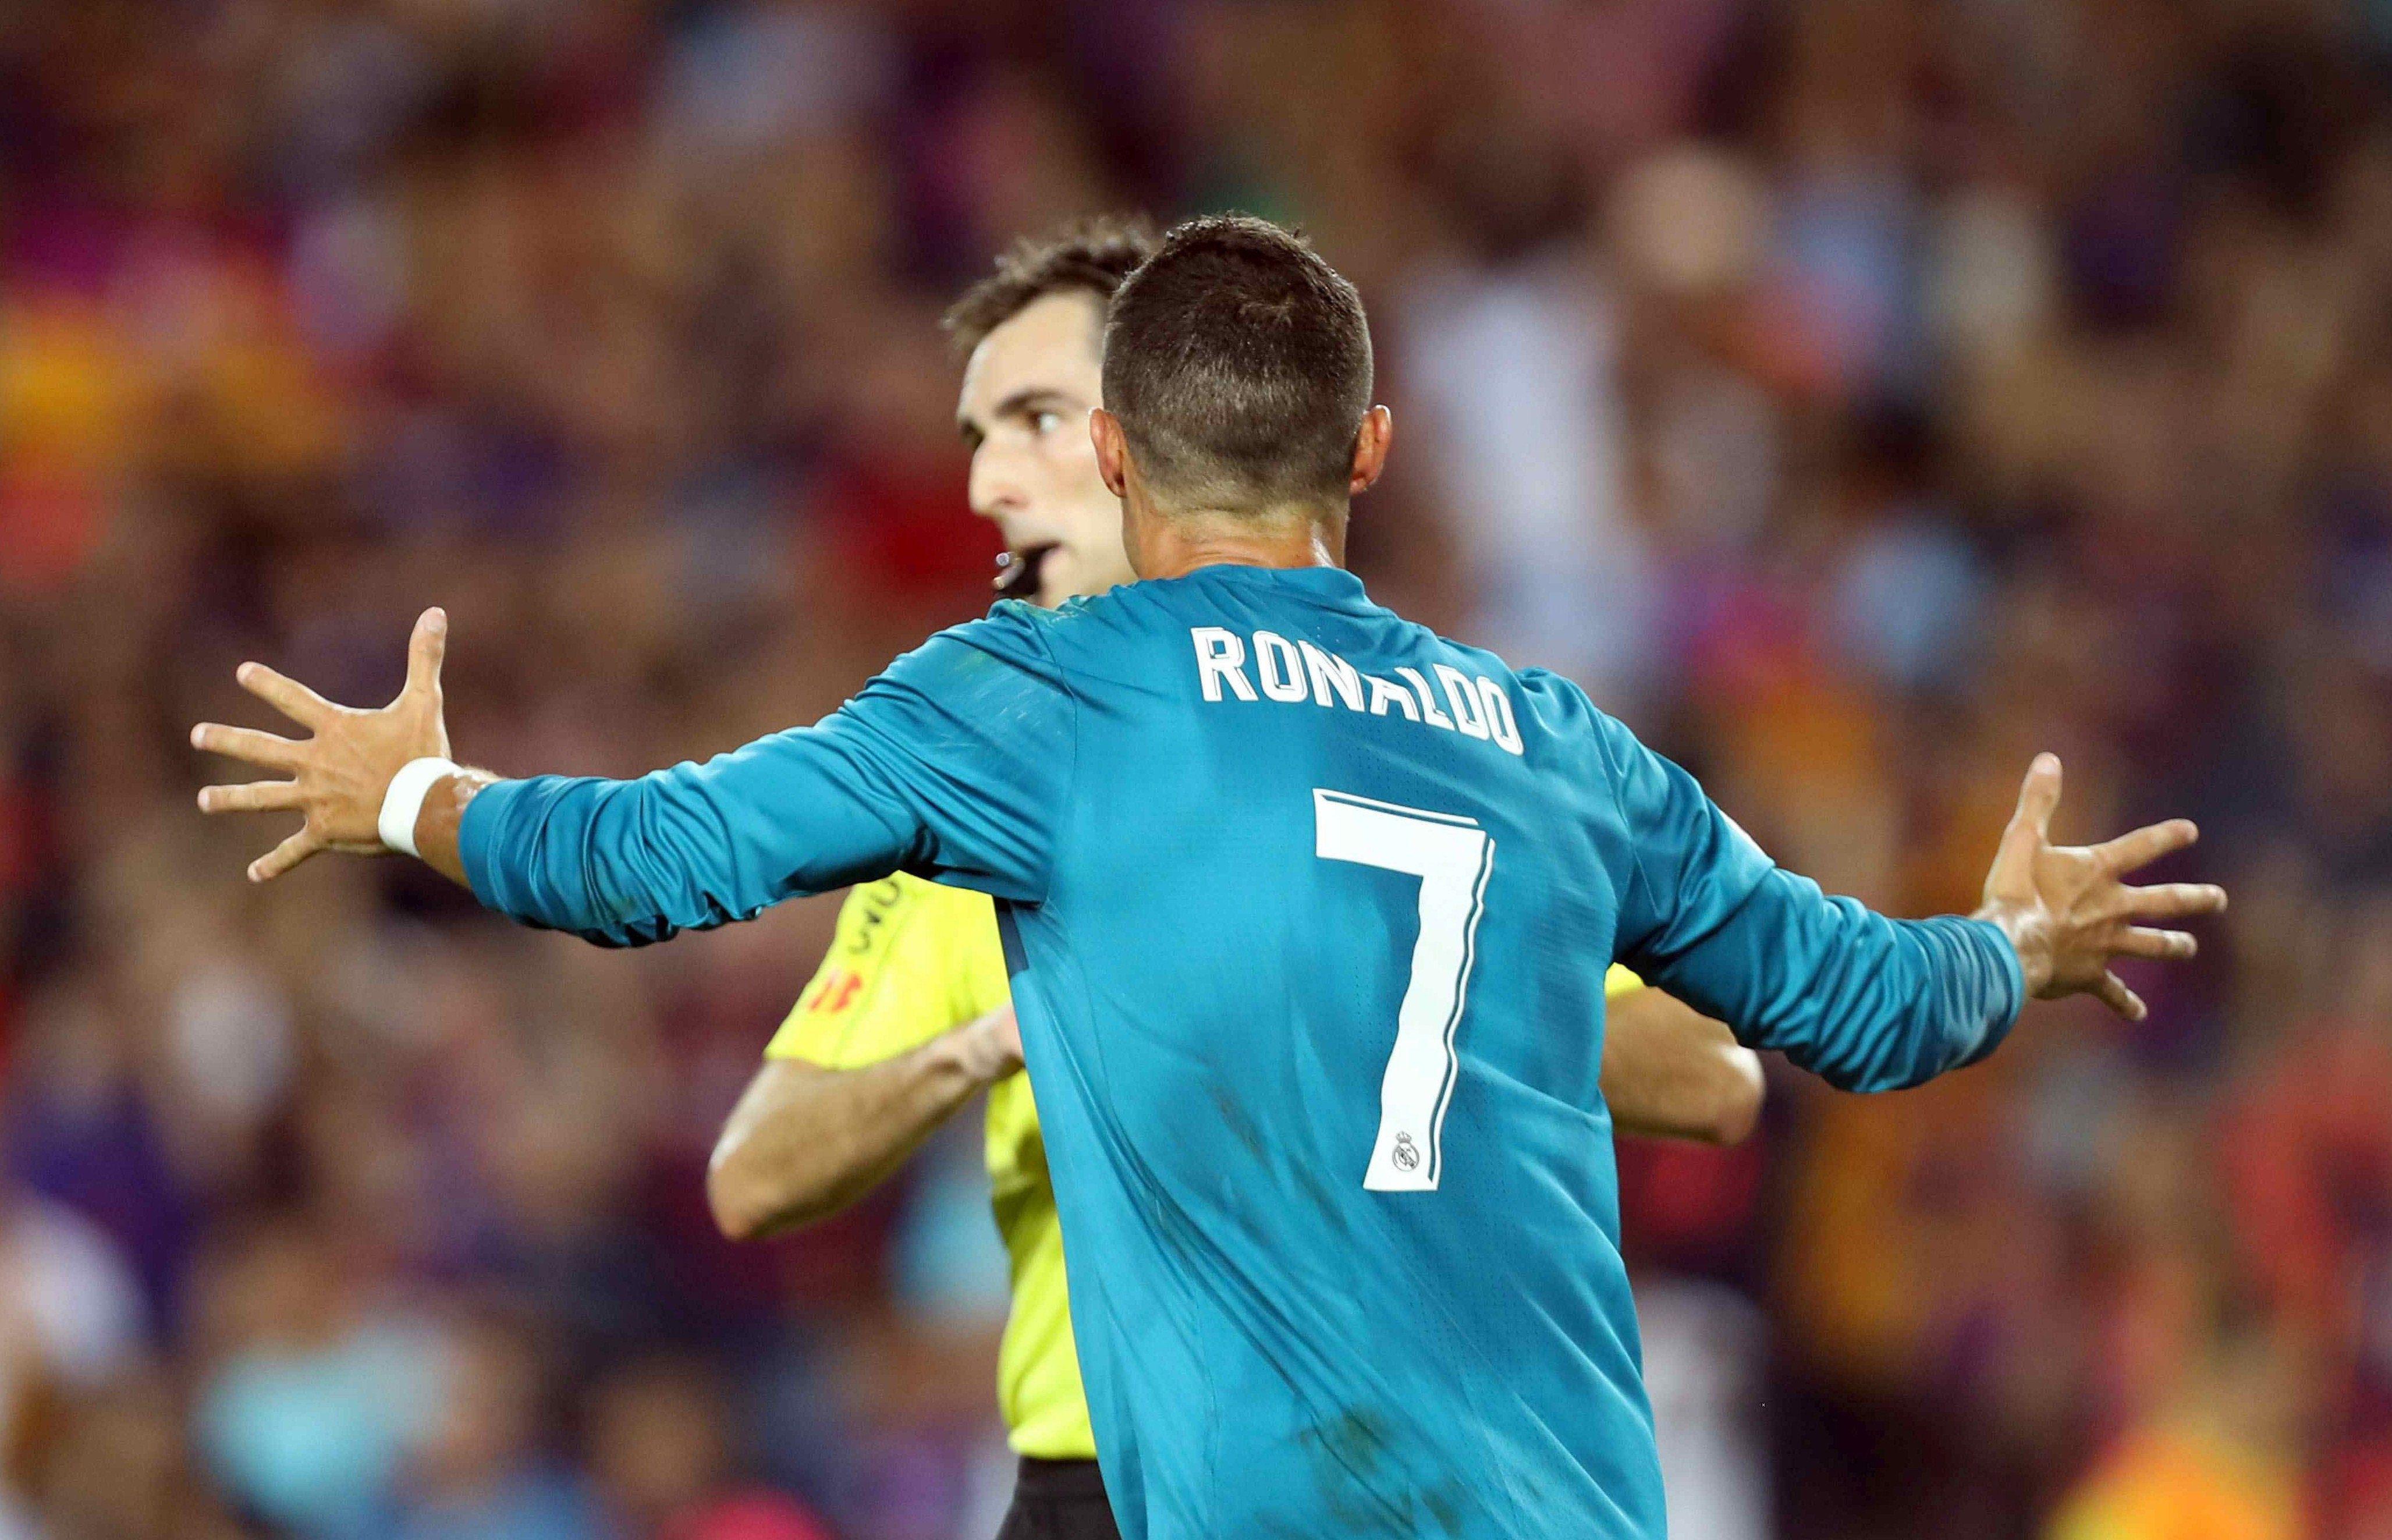 La desmedida protesta de Ronaldo le costó muy cara